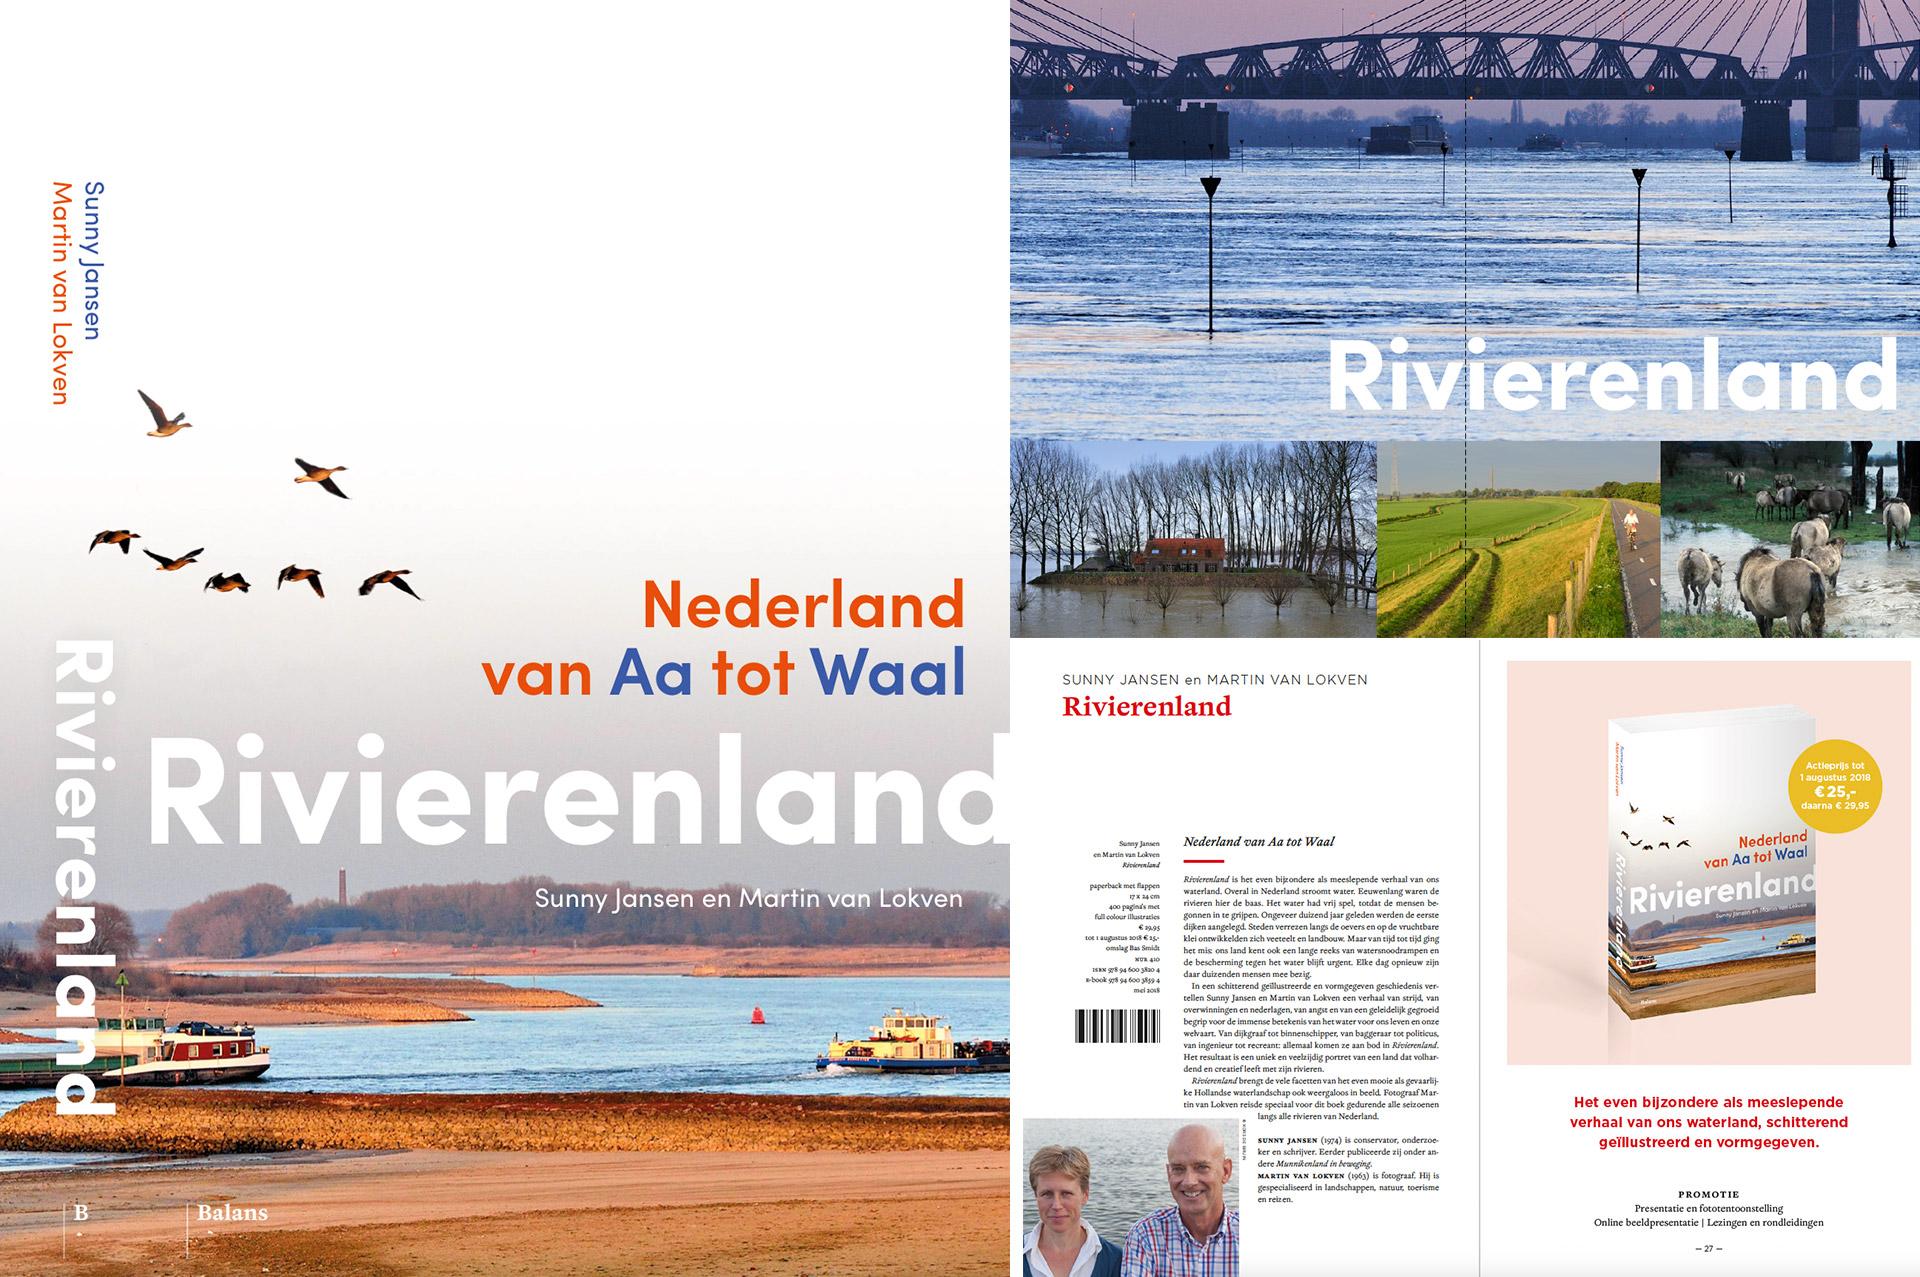 Boek Rivierenland Nederland van Aa tot Waal